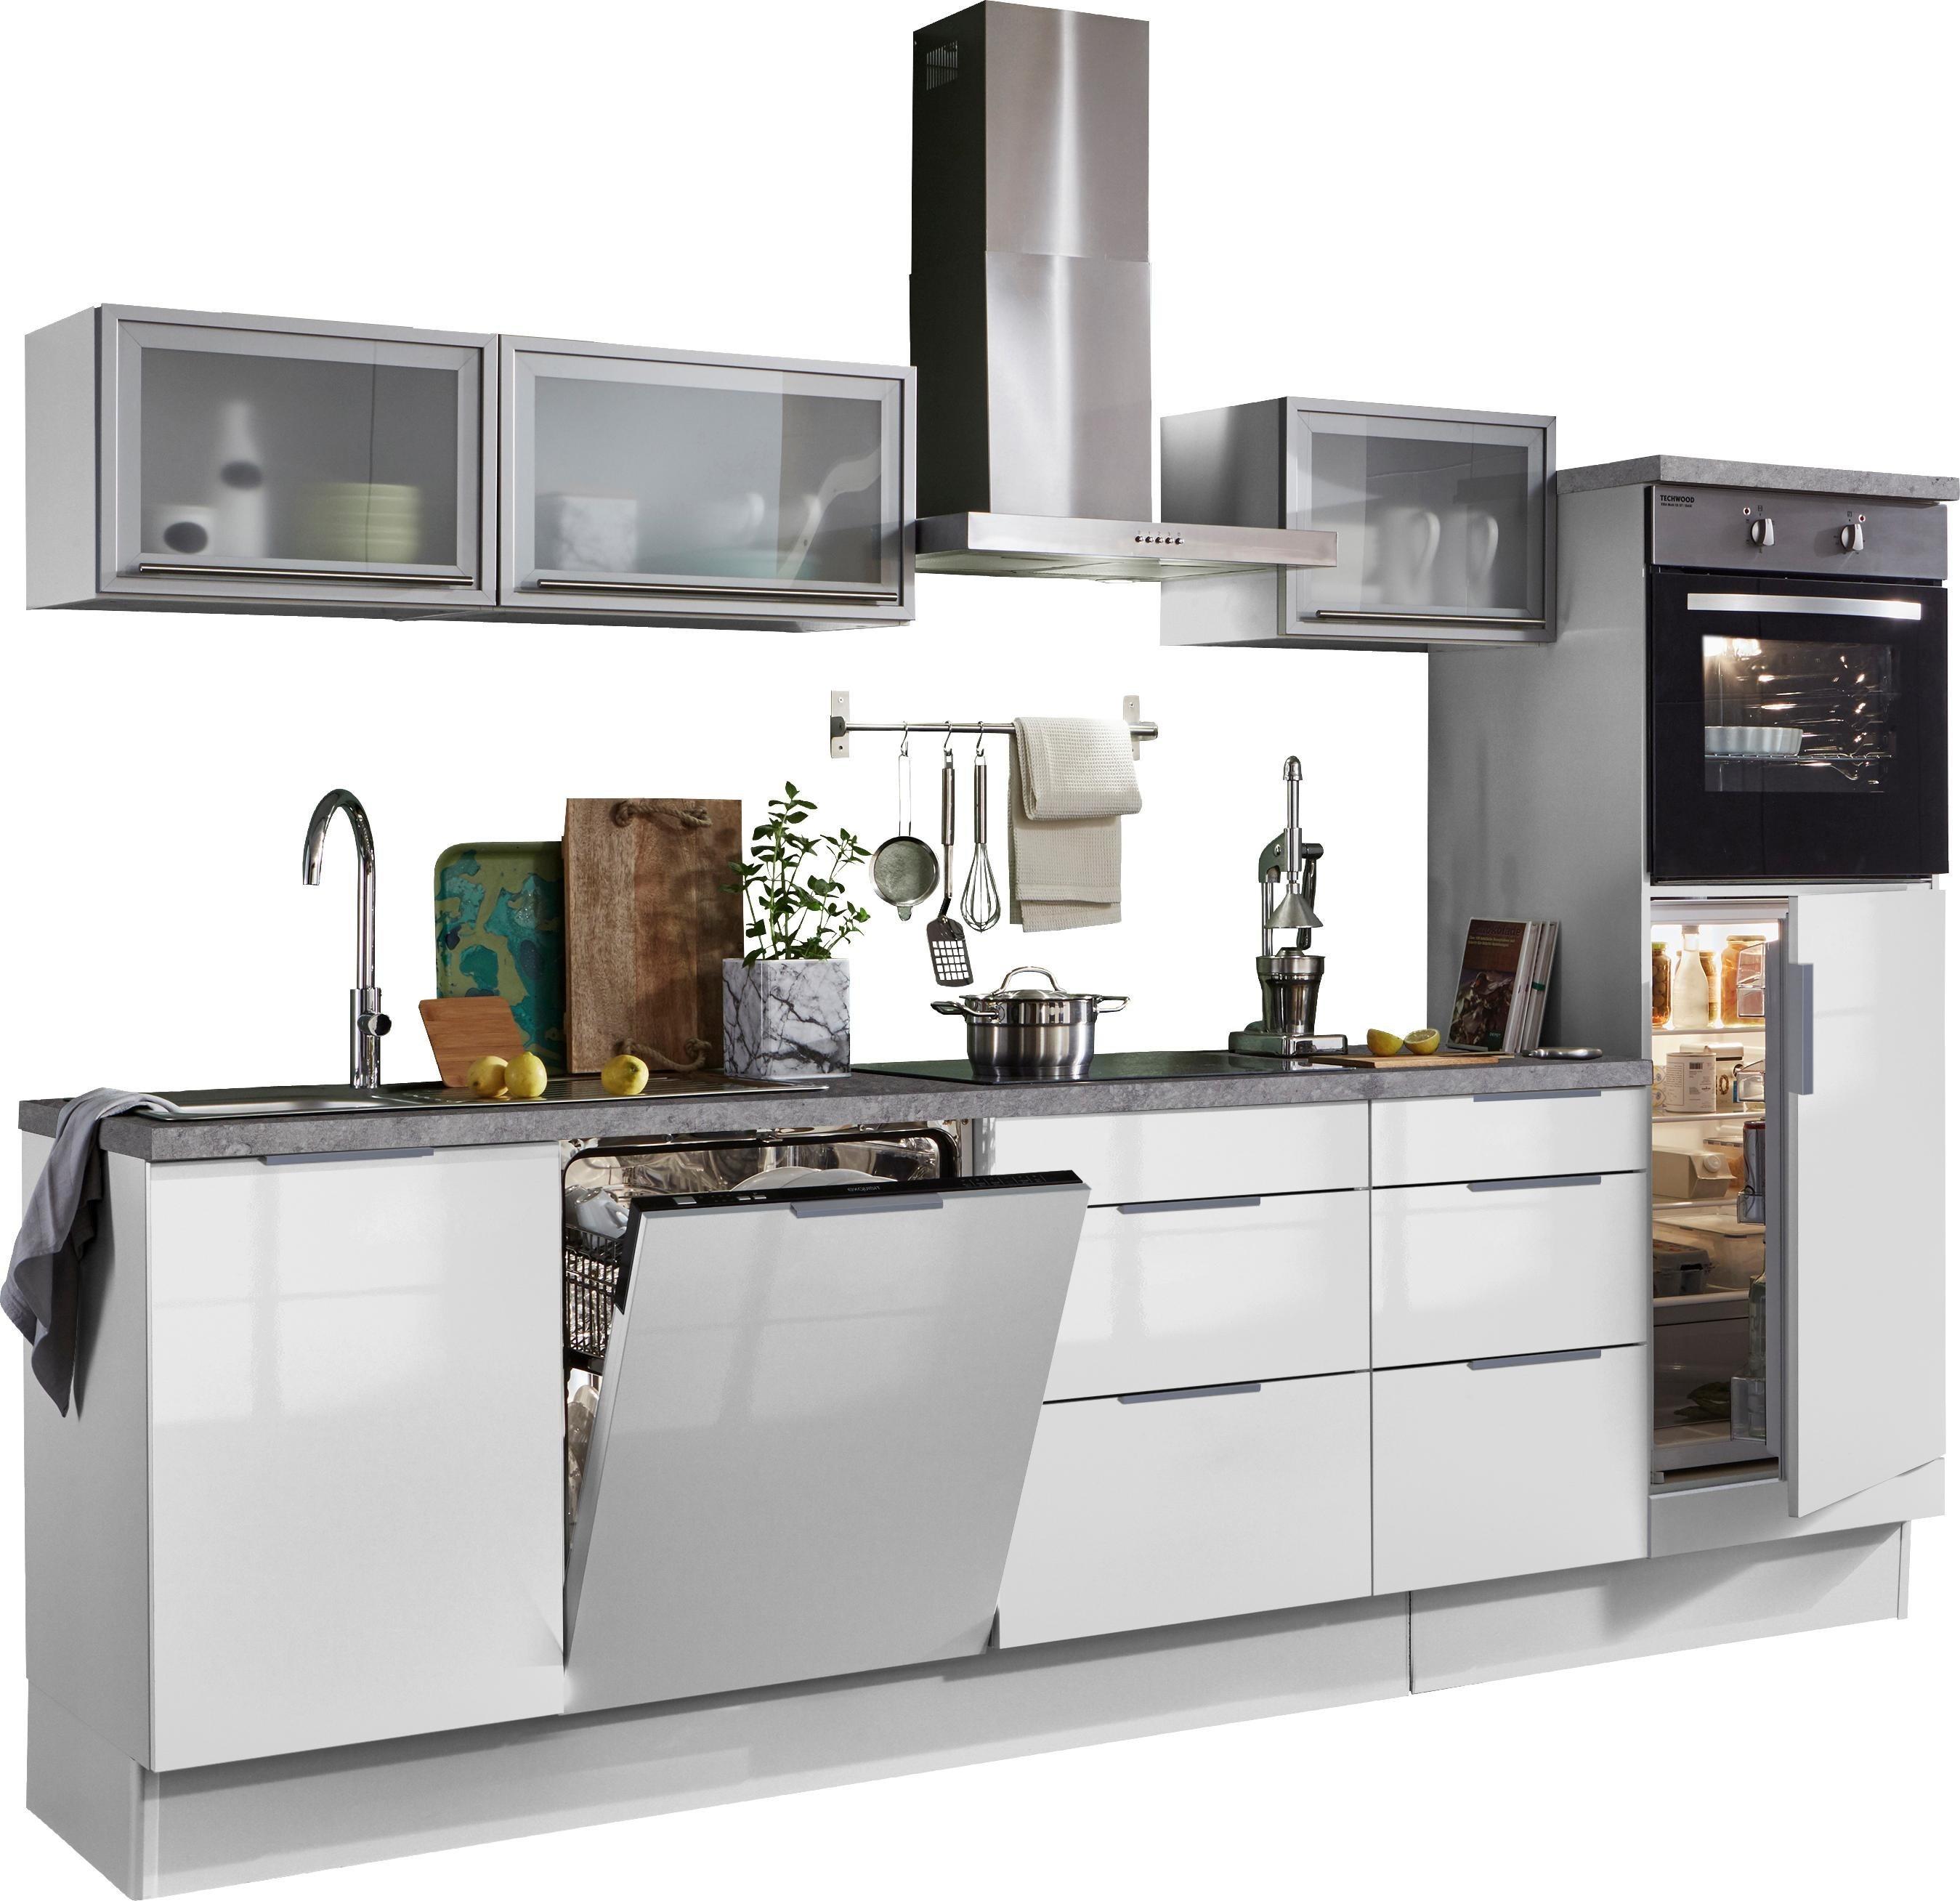 sand-edelstahl Küchenzeilen online kaufen | Möbel-Suchmaschine ...